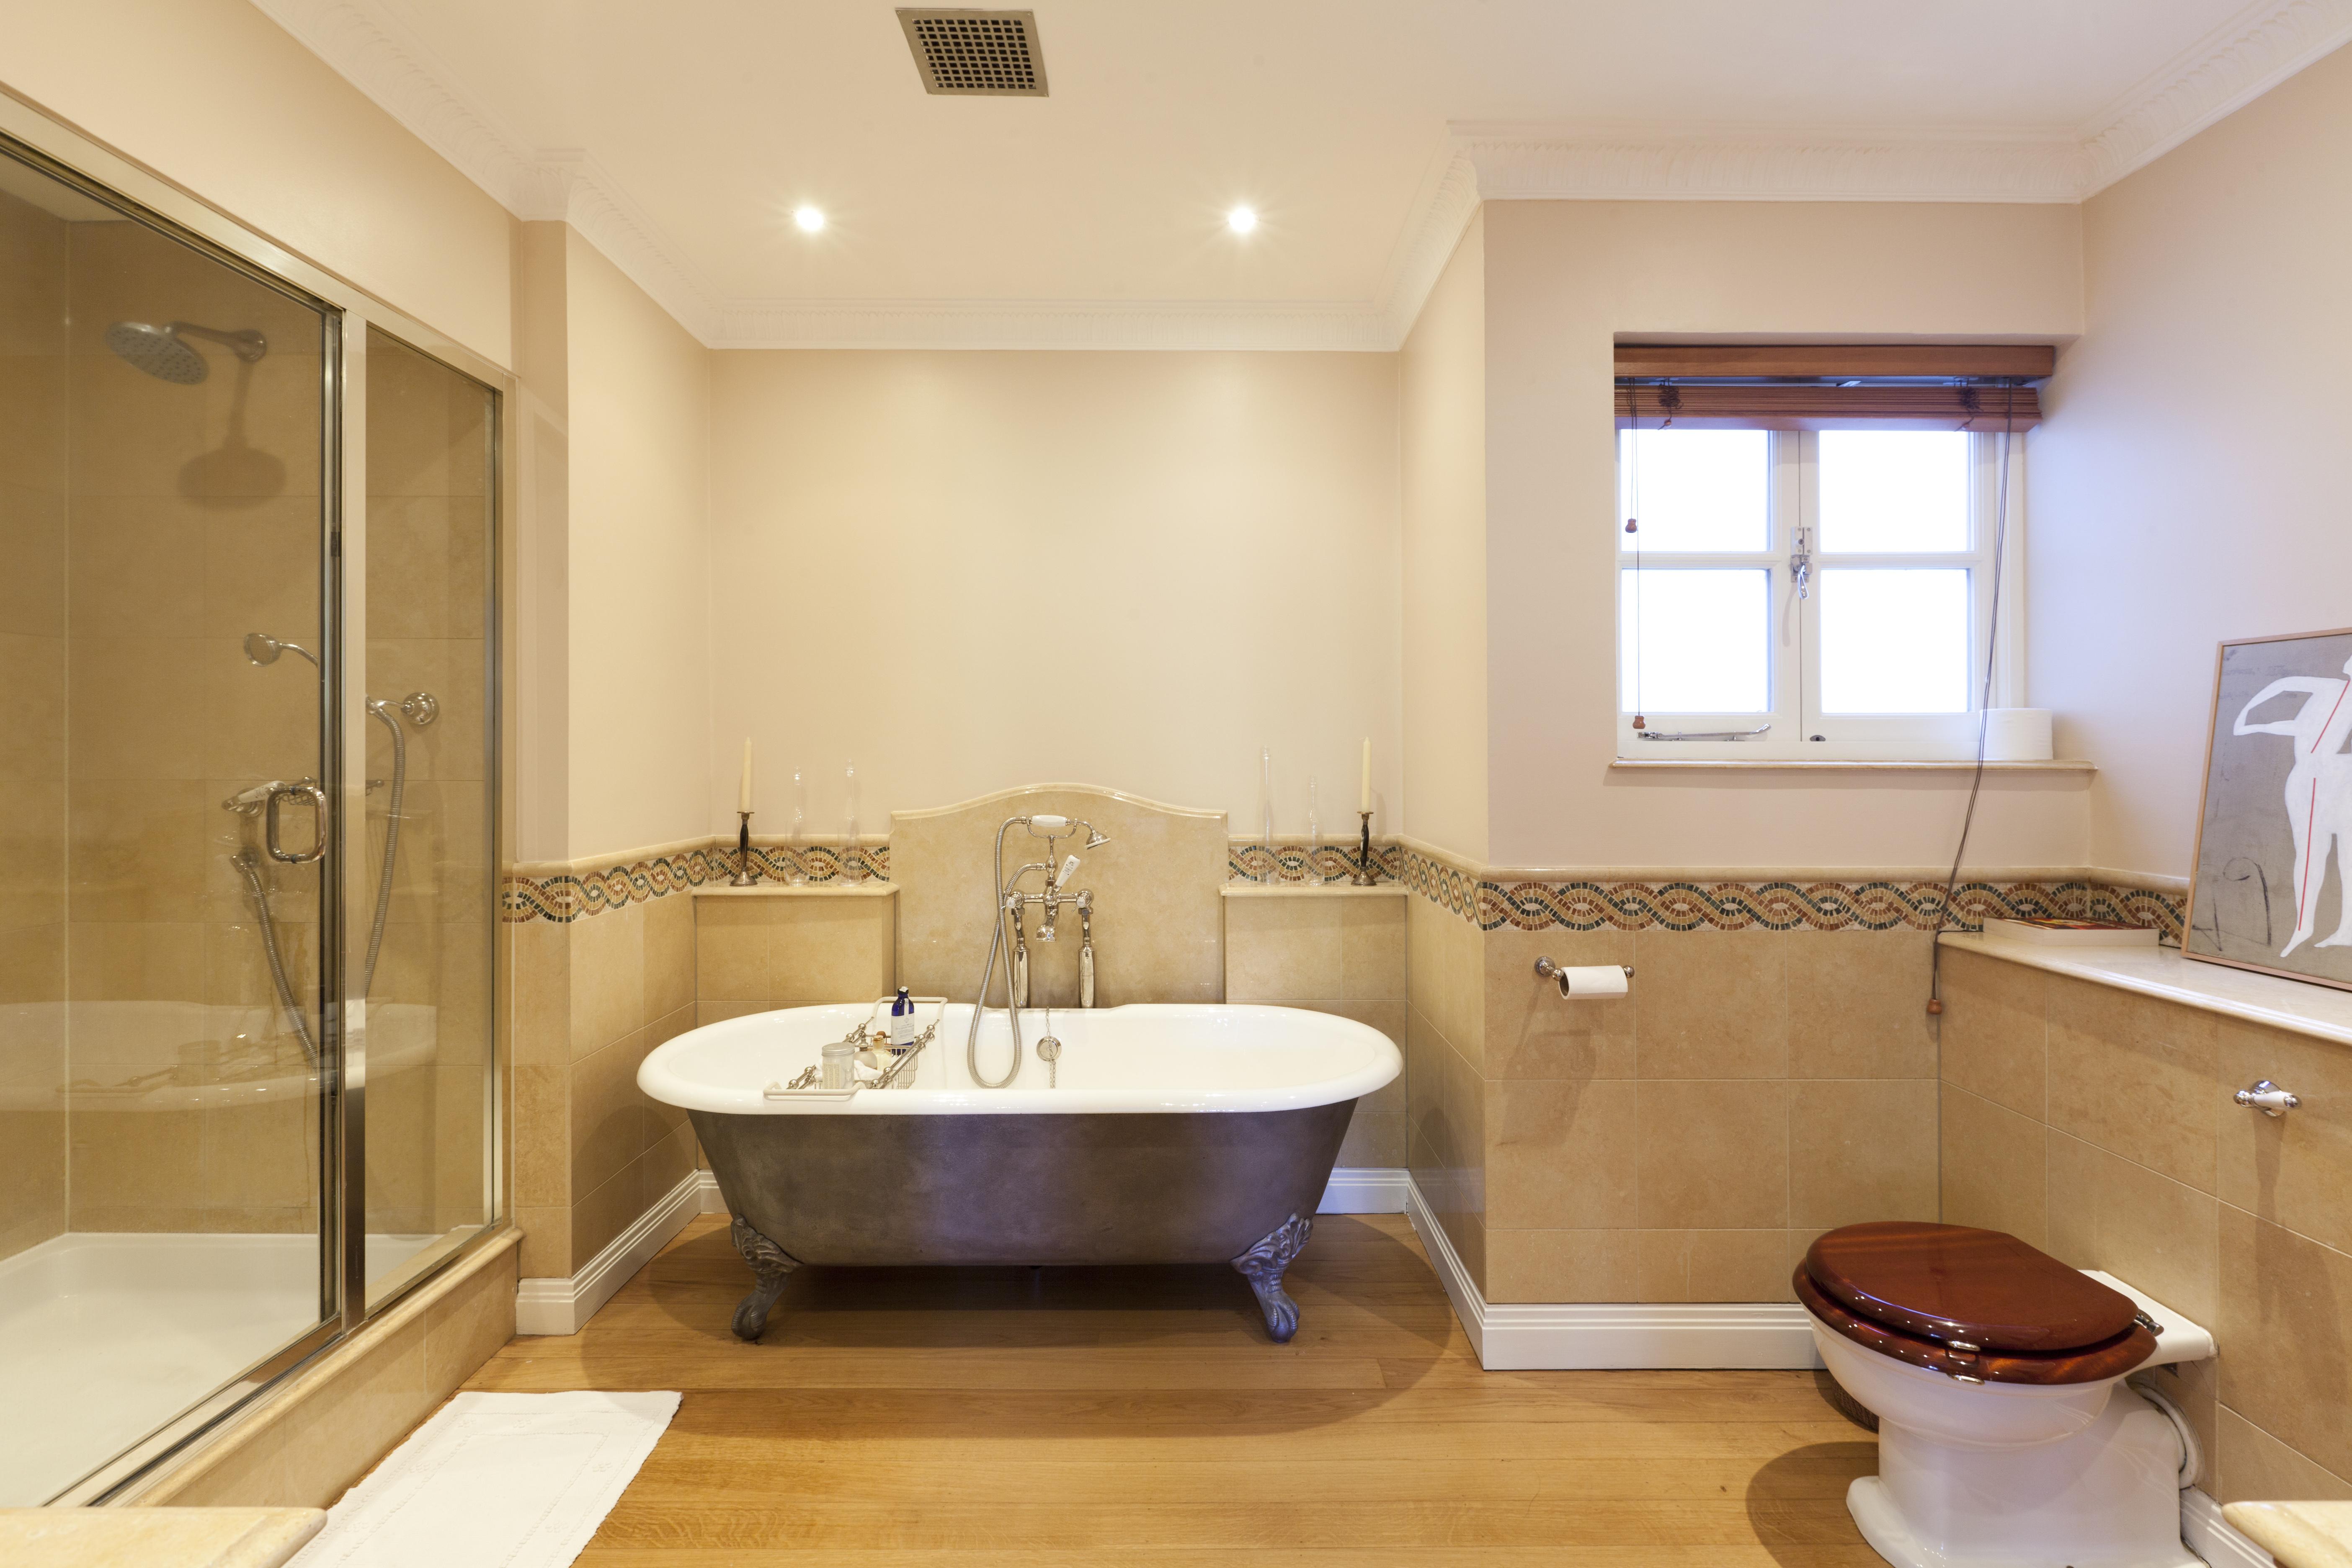 Ремонт ванной комнаты дизайн интерьера ванной